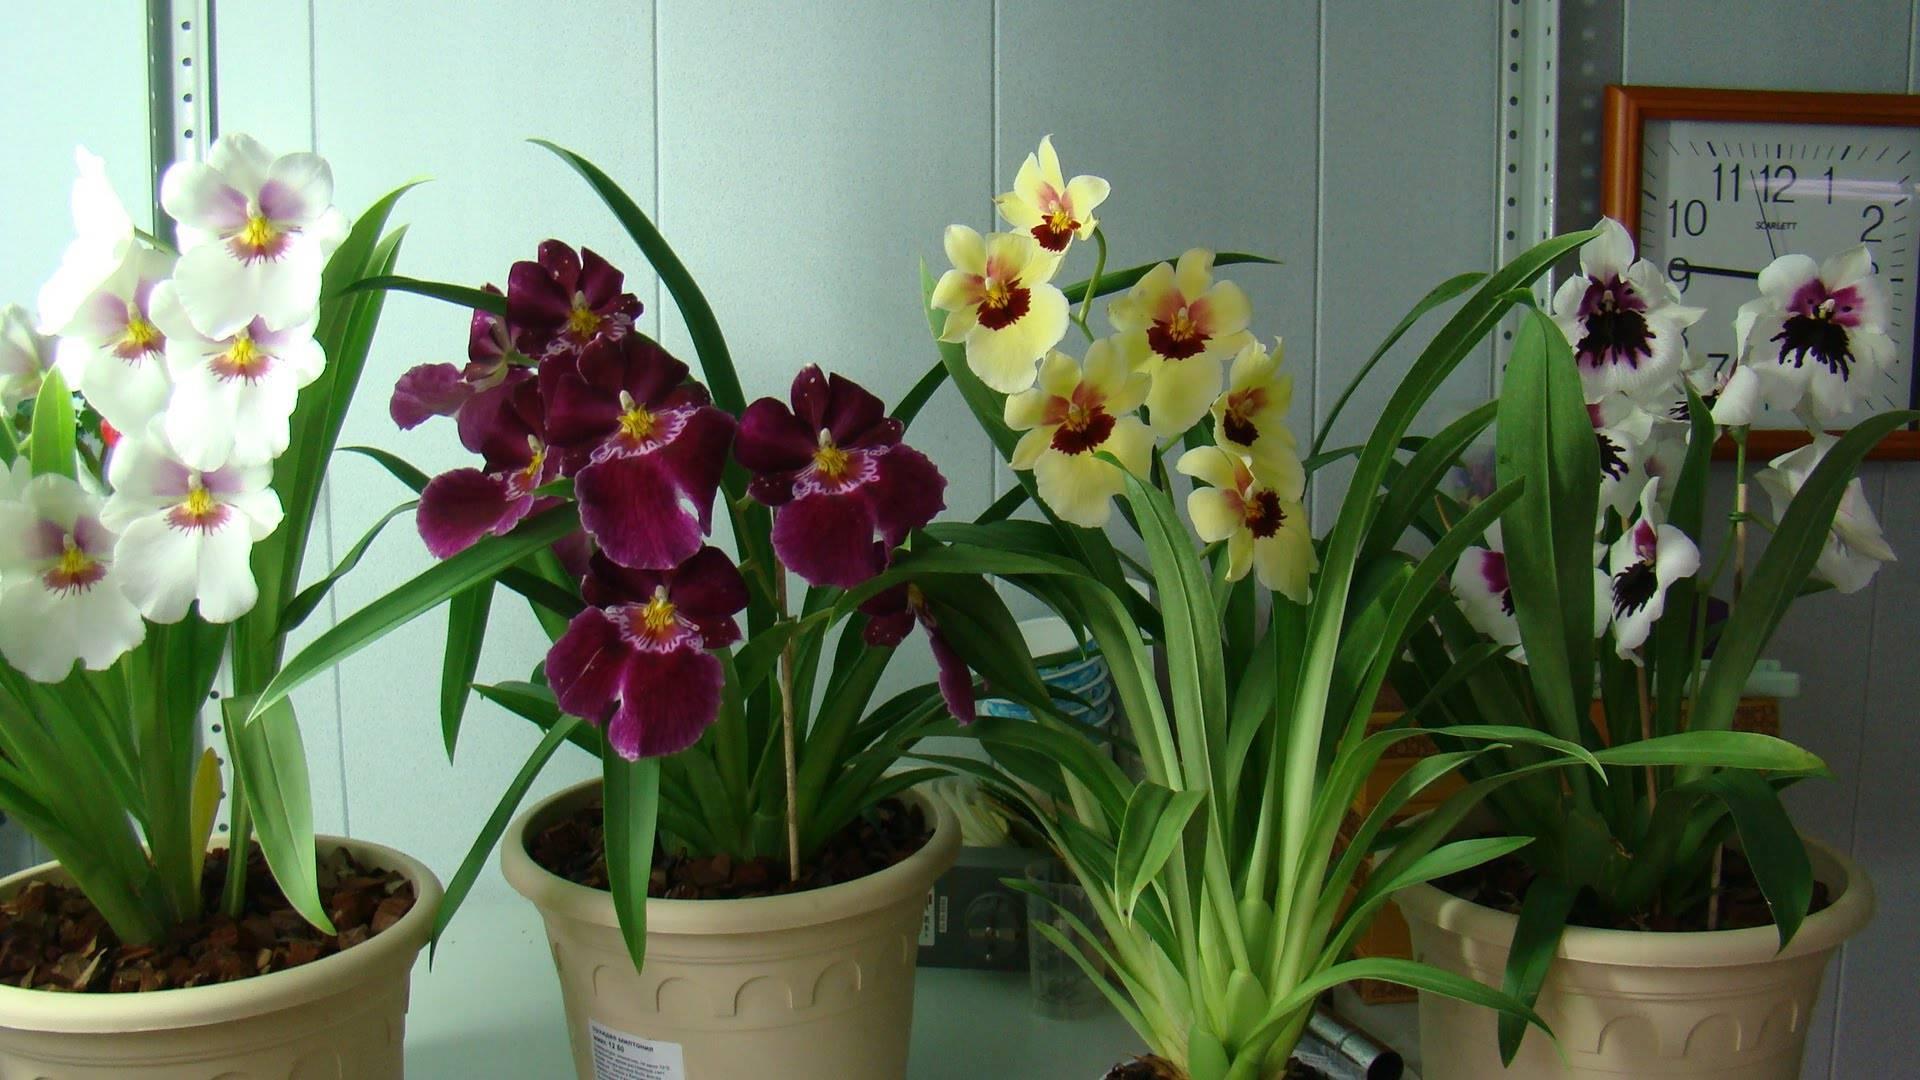 Мильтония уход в домашних условиях, фото, пересадка, размножение, полив, цветение